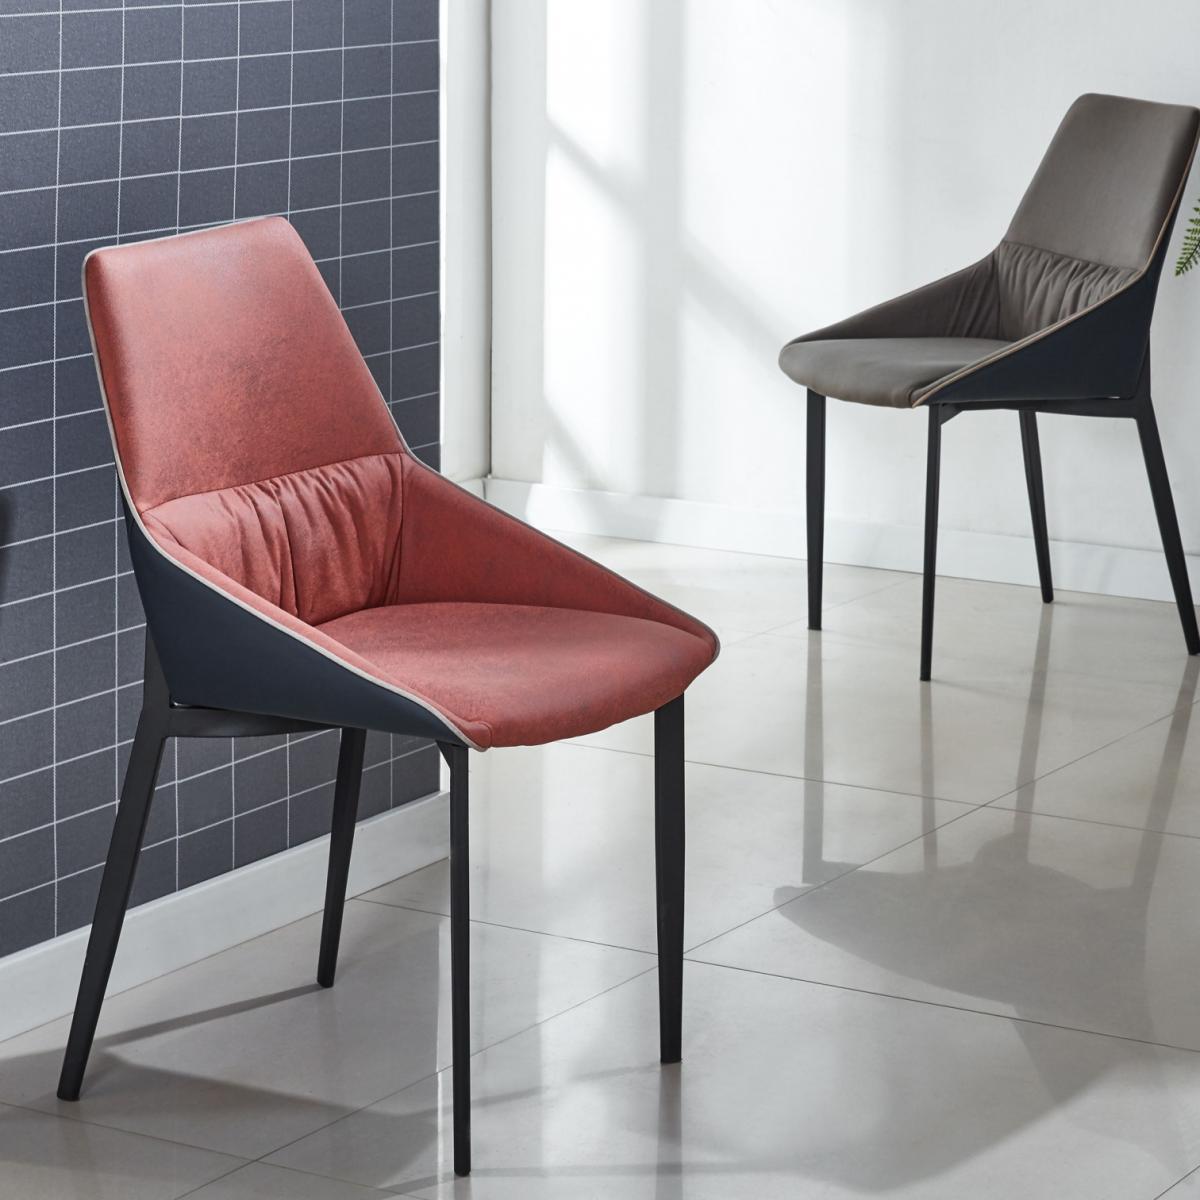 化妆椅网红椅子北欧餐椅北欧椅子轻奢餐椅梳妆椅椅子北欧简约铁艺